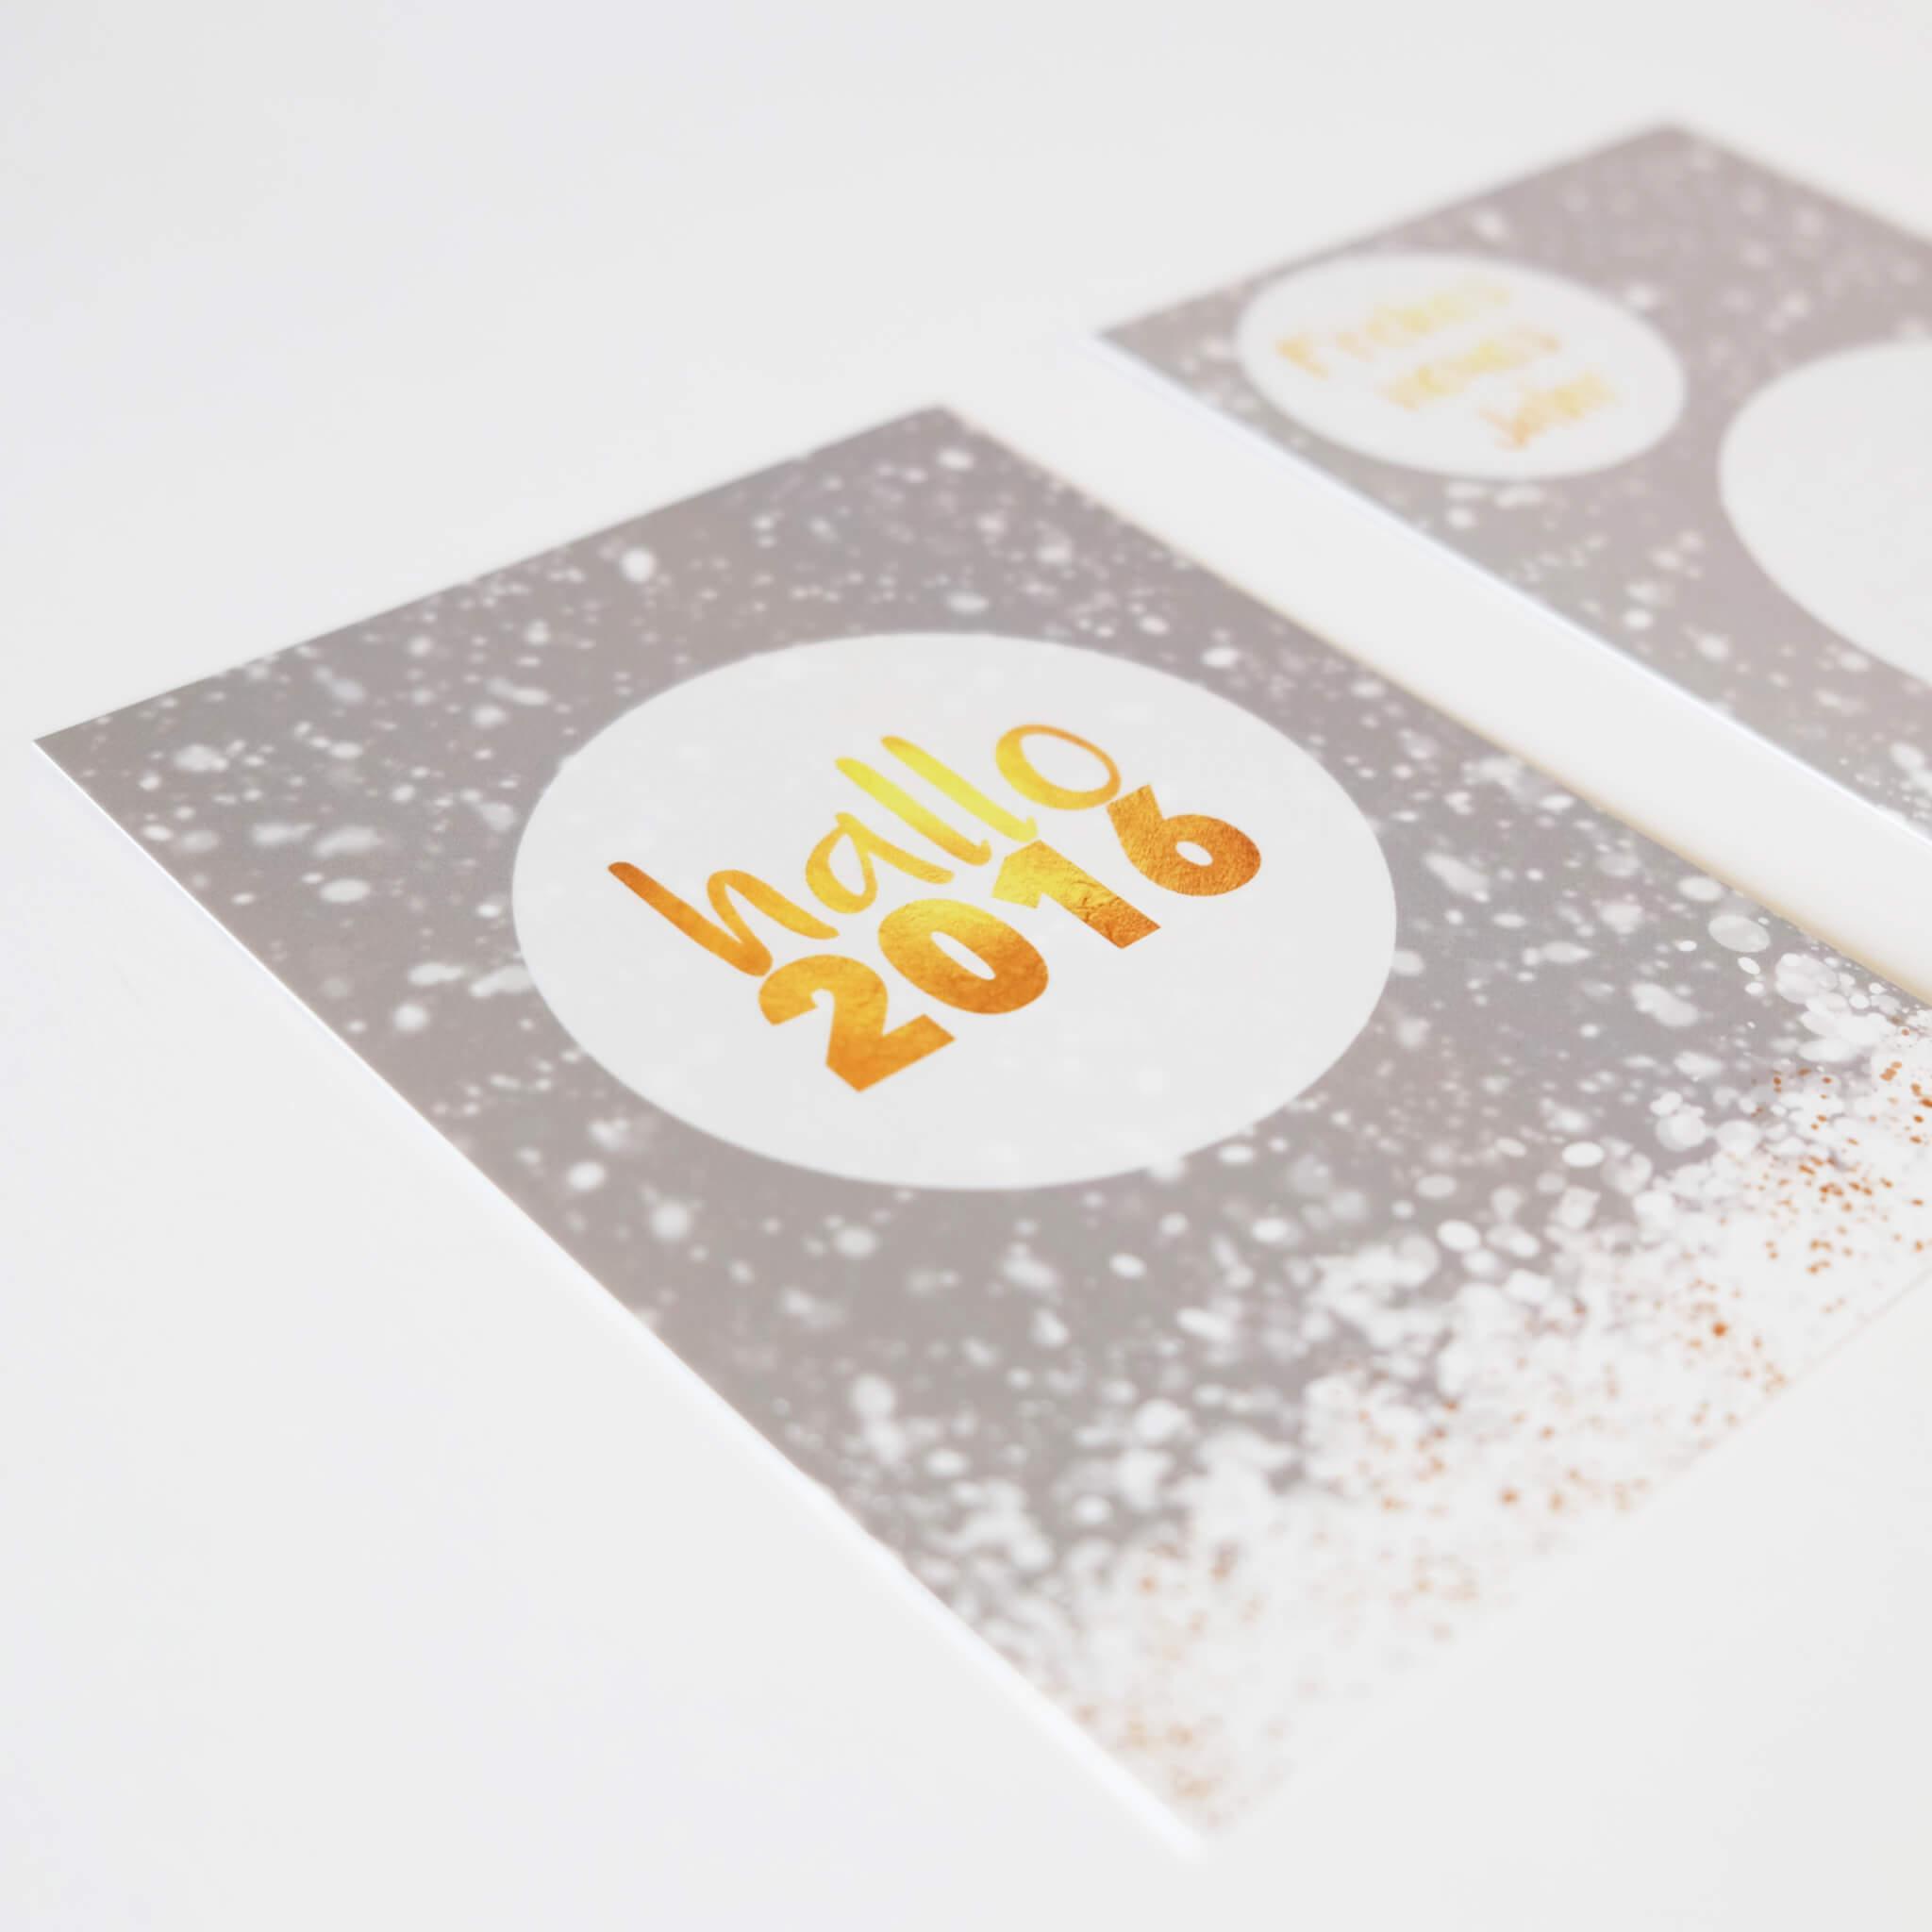 Hallo 2016 – eine Neujahrskarte